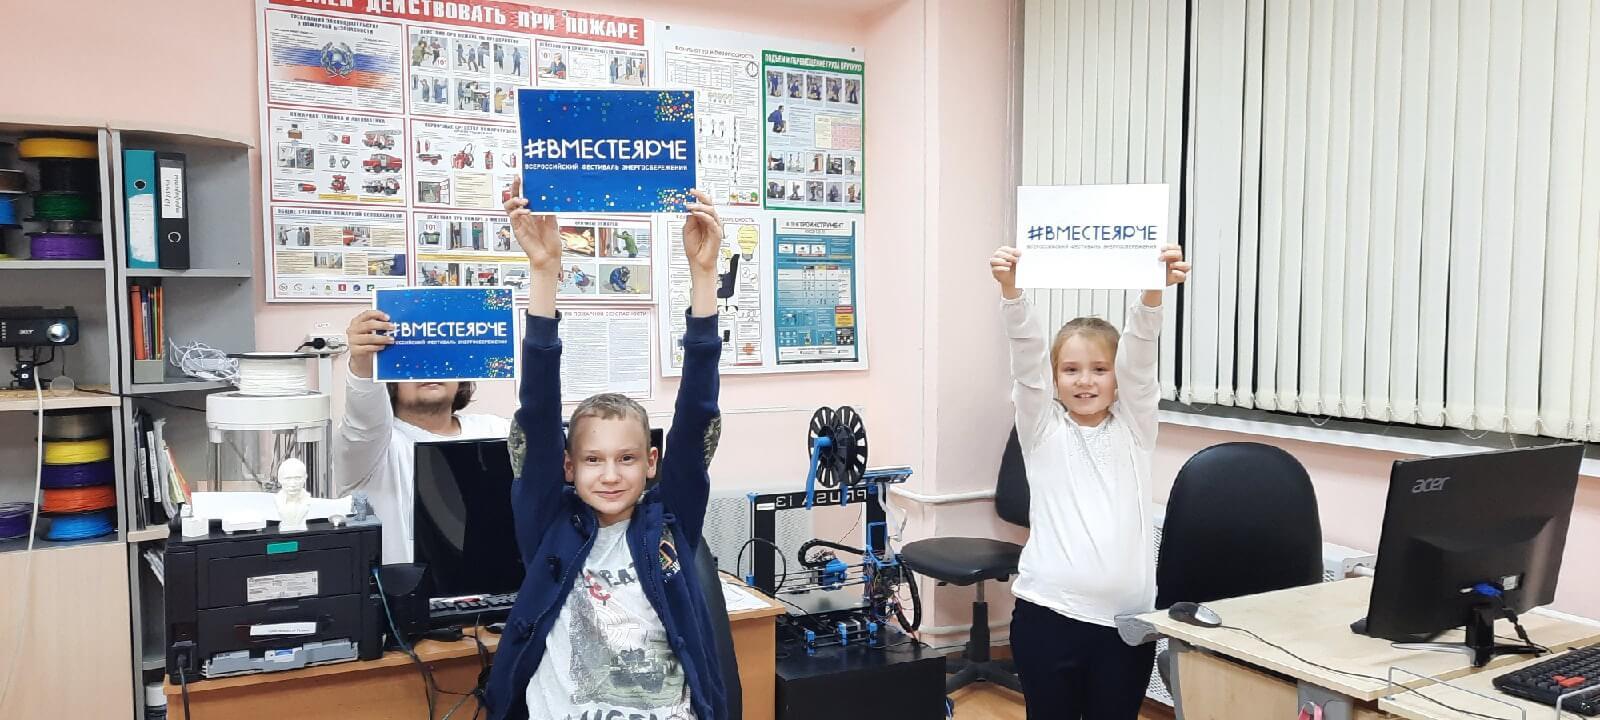 Всероссийский фестиваль #ВместеЯрче